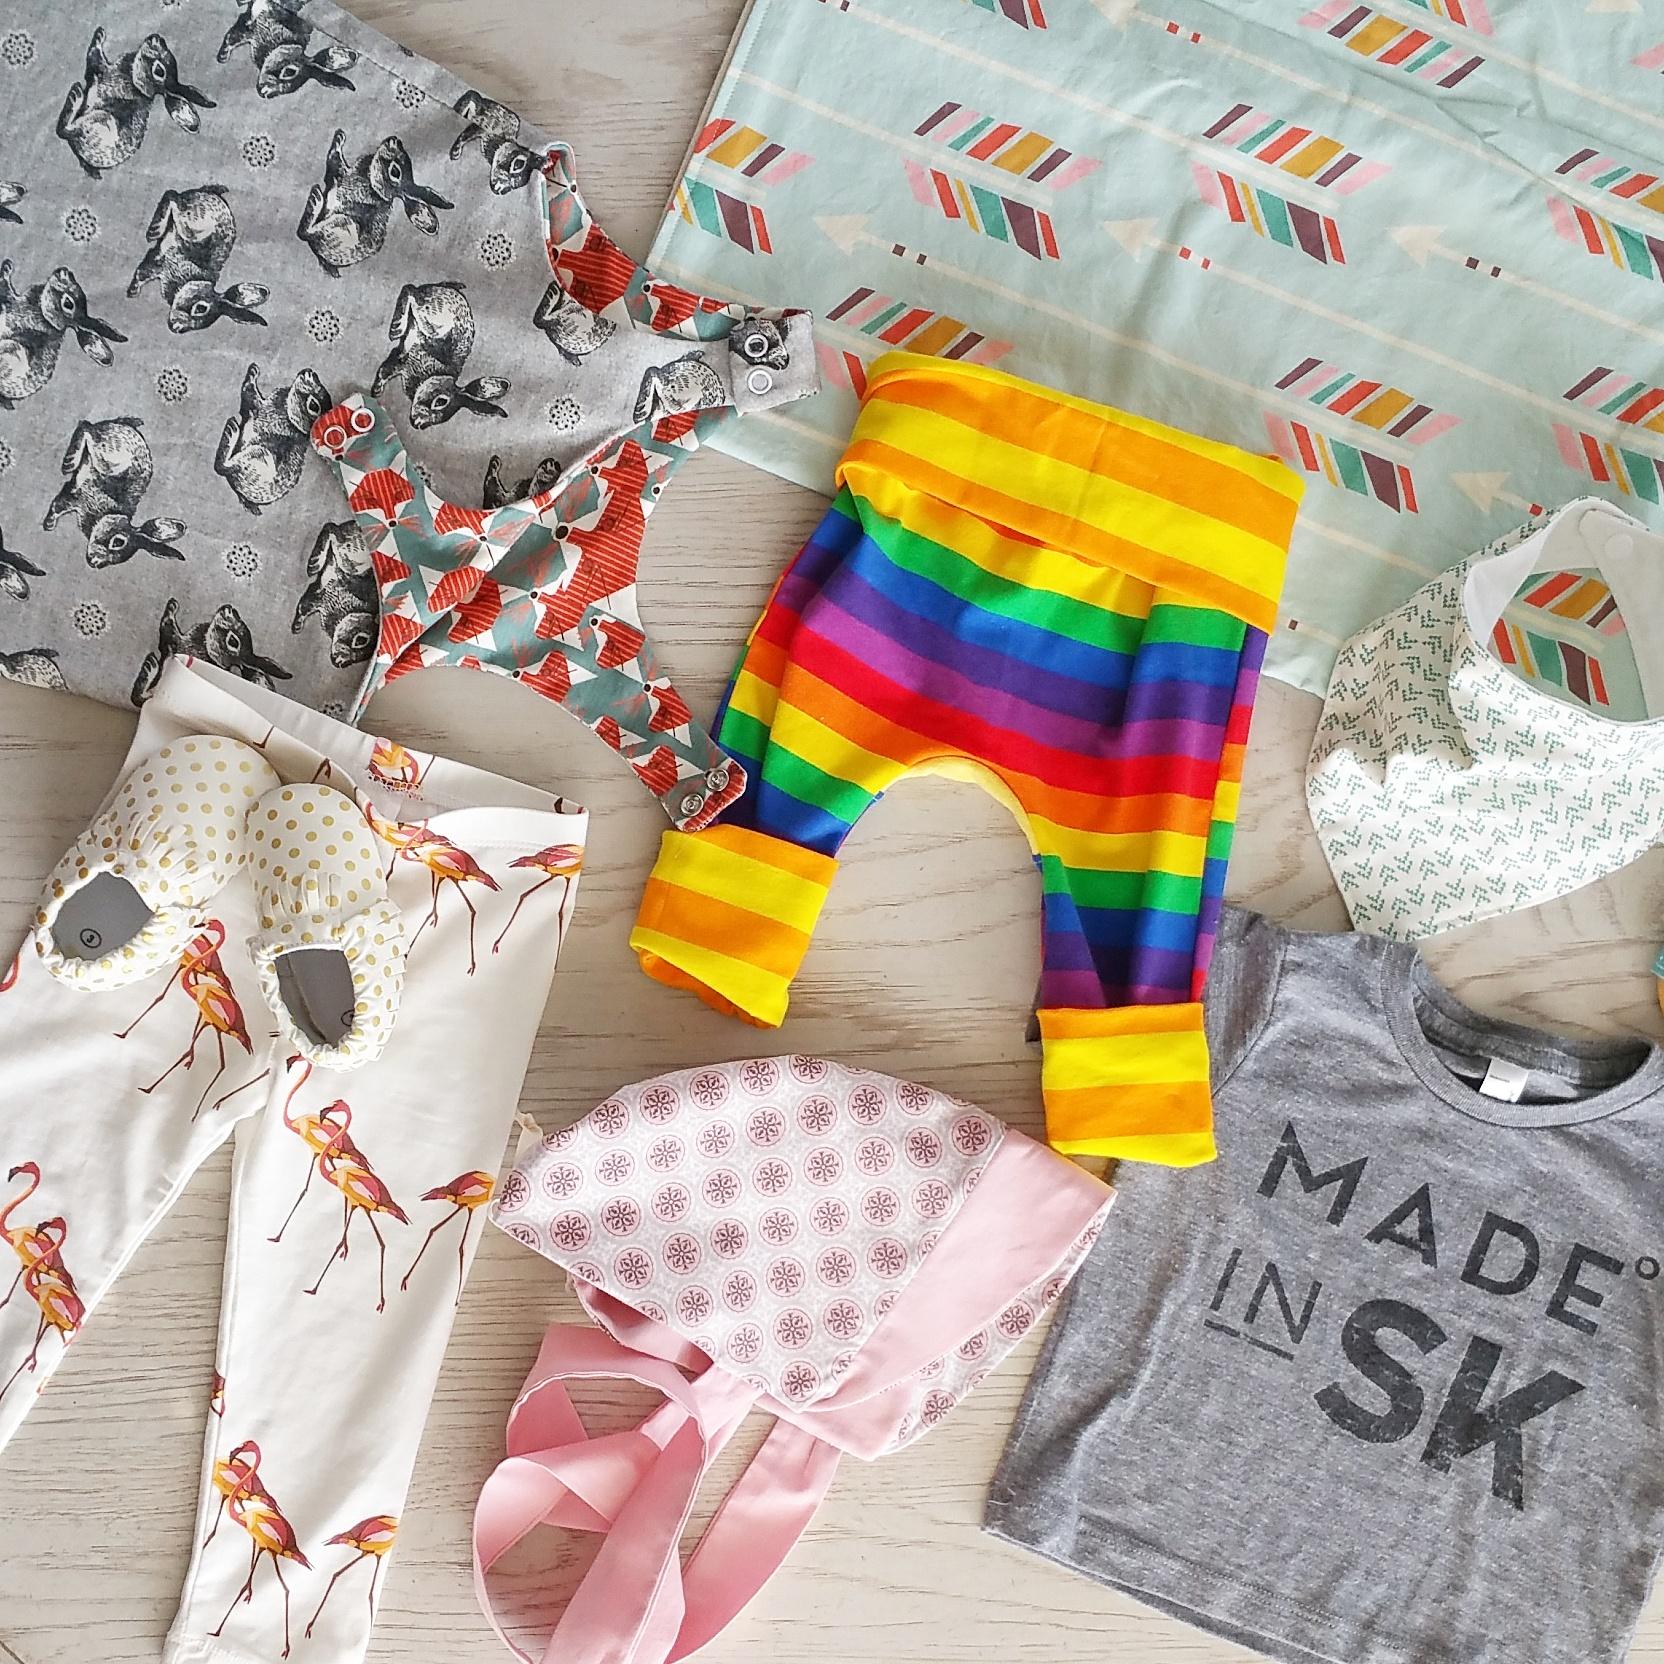 Saskatoon Local Baby Clothes shopping guide